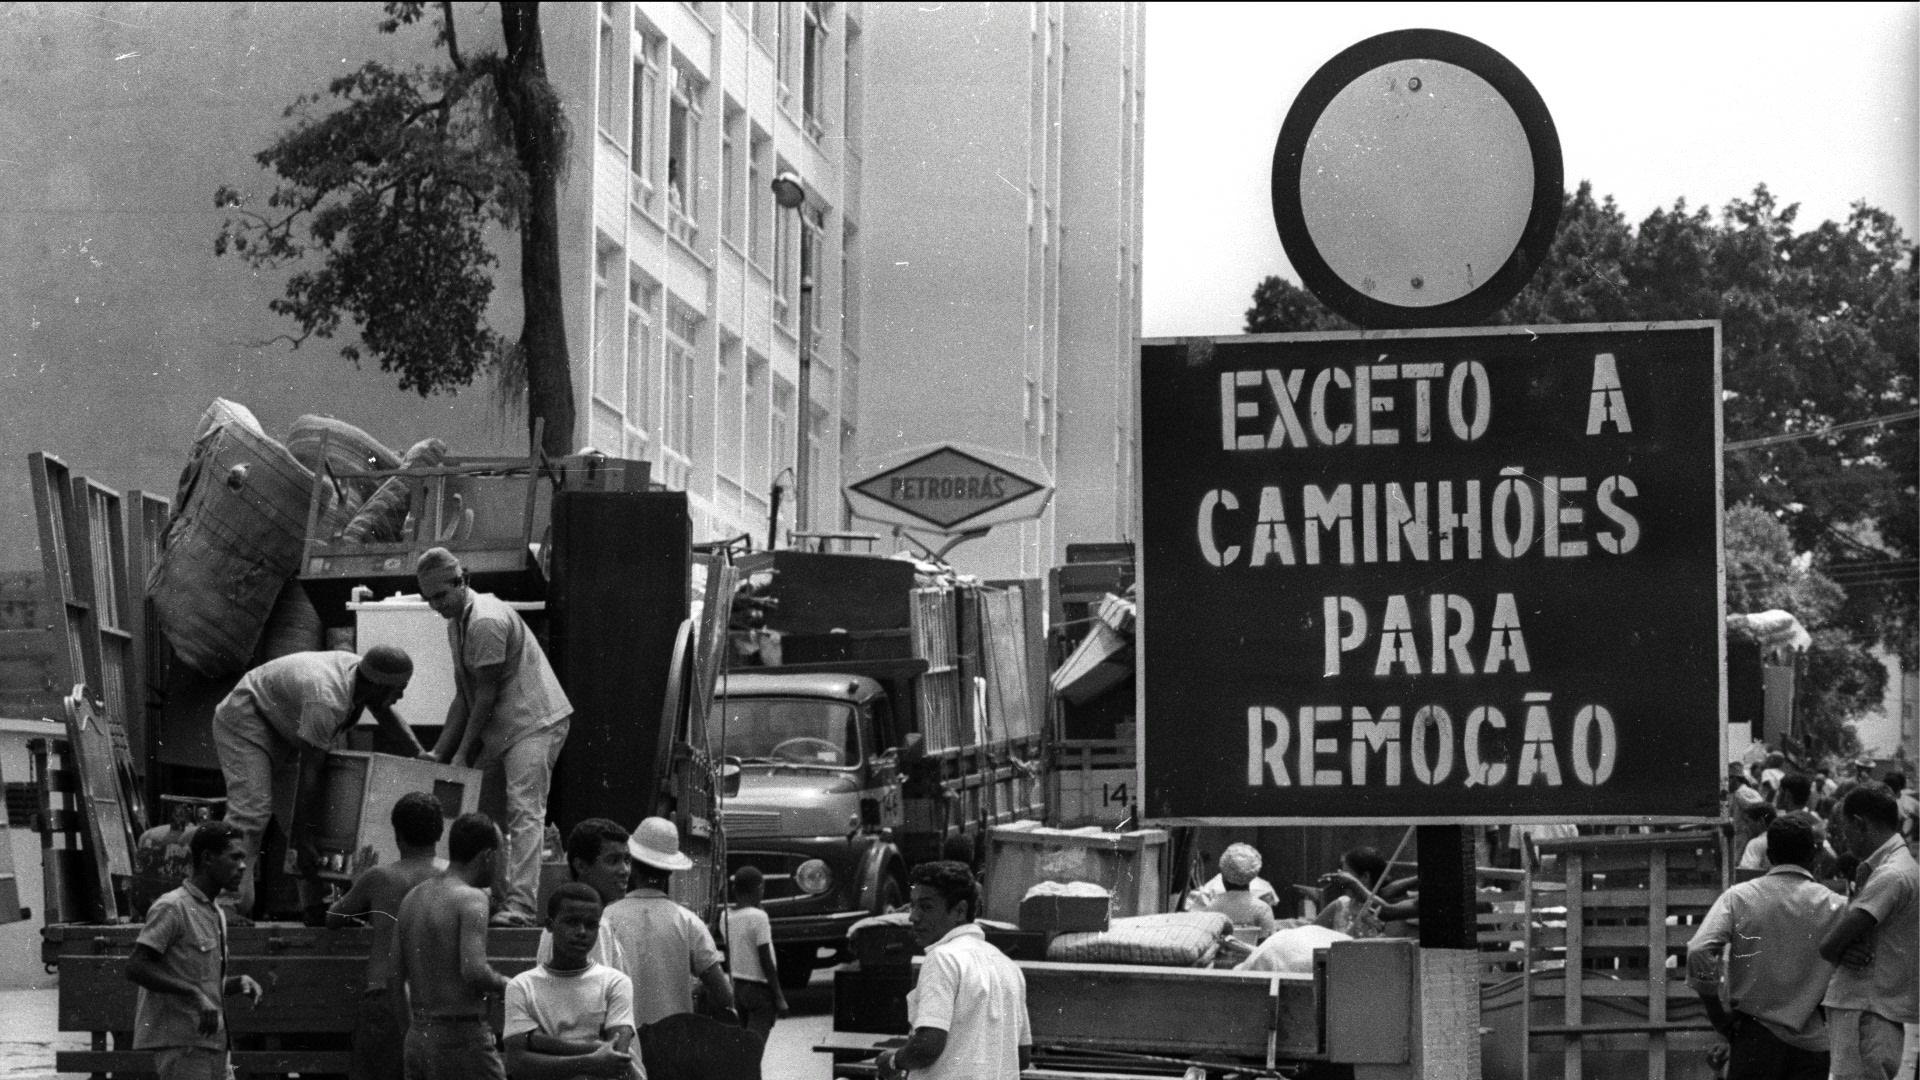 remoções de favelas da Zona Sul na década de 1960 deram origem aos conjuntos habitacionais Vila Aliança, Kennedy e Esperança, e também às Cidades de Deus e Alta  http://www.brasil247.com/pt/247/favela247/126988/Exibi%C3%A7%C3%A3o-do-document%C3%A1rio-Remo%C3%A7%C3%A3o-na-Vila-Alian%C3%A7a.htm